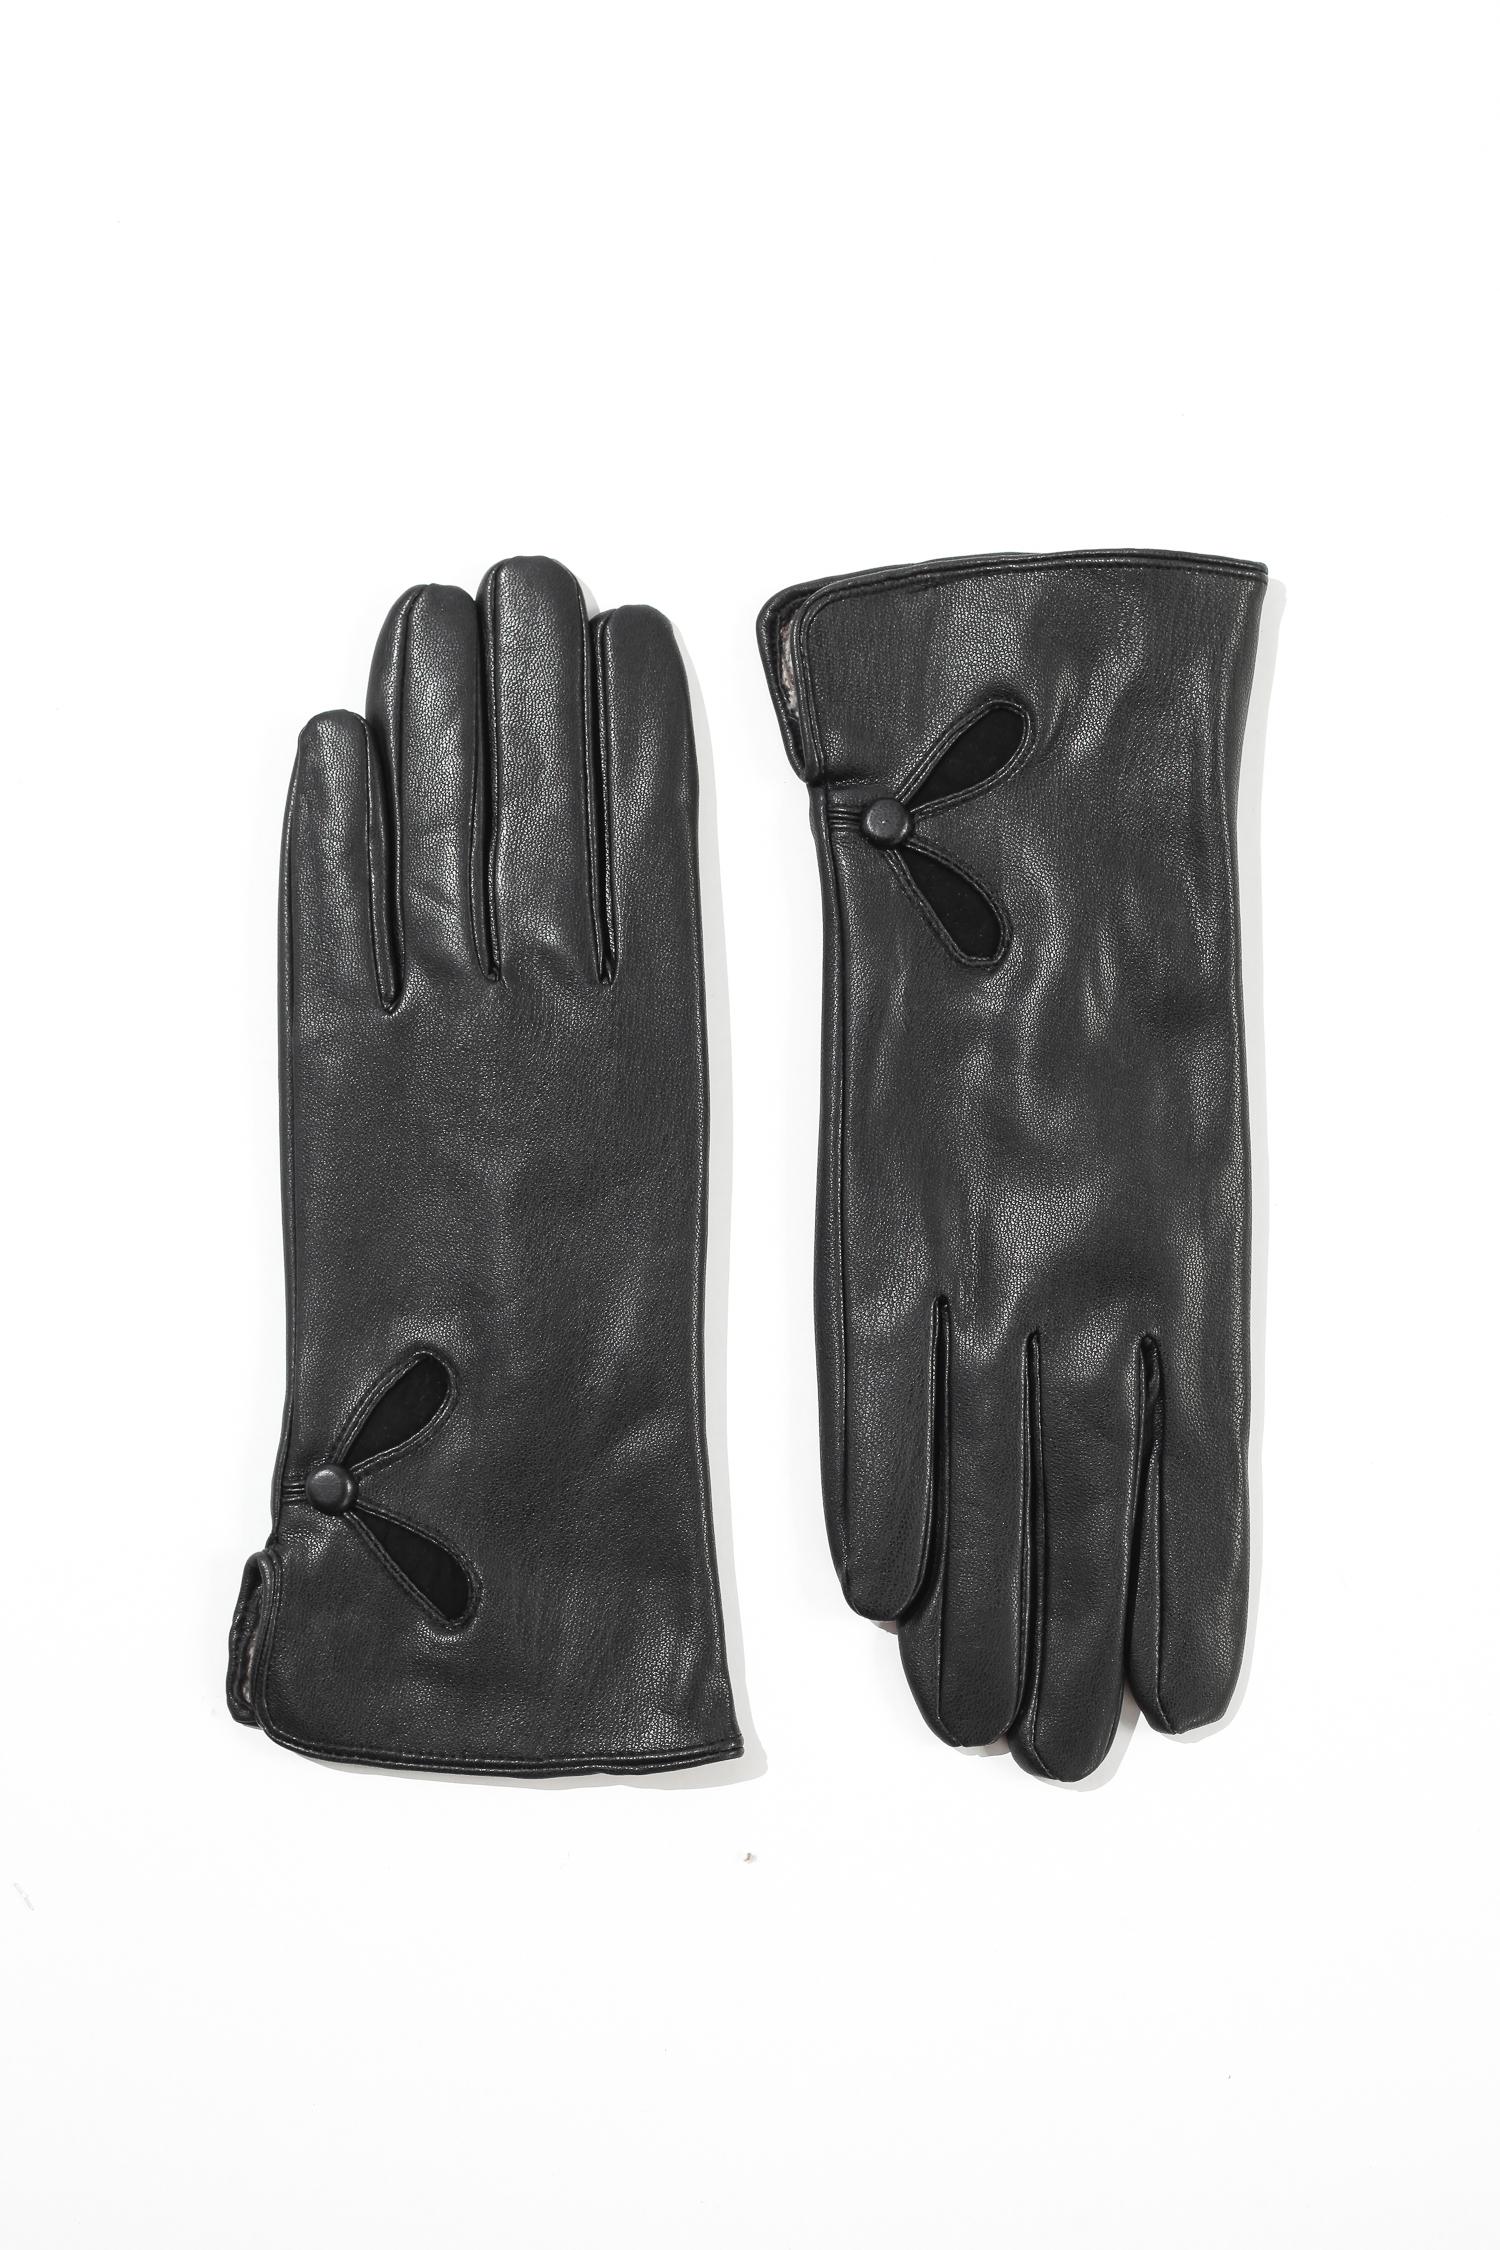 Перчатки женские из натуральной кожи<br><br>Материал: Кожа овчина<br>Цвет: черный<br>Пол: Женский<br>Размер RU: 8